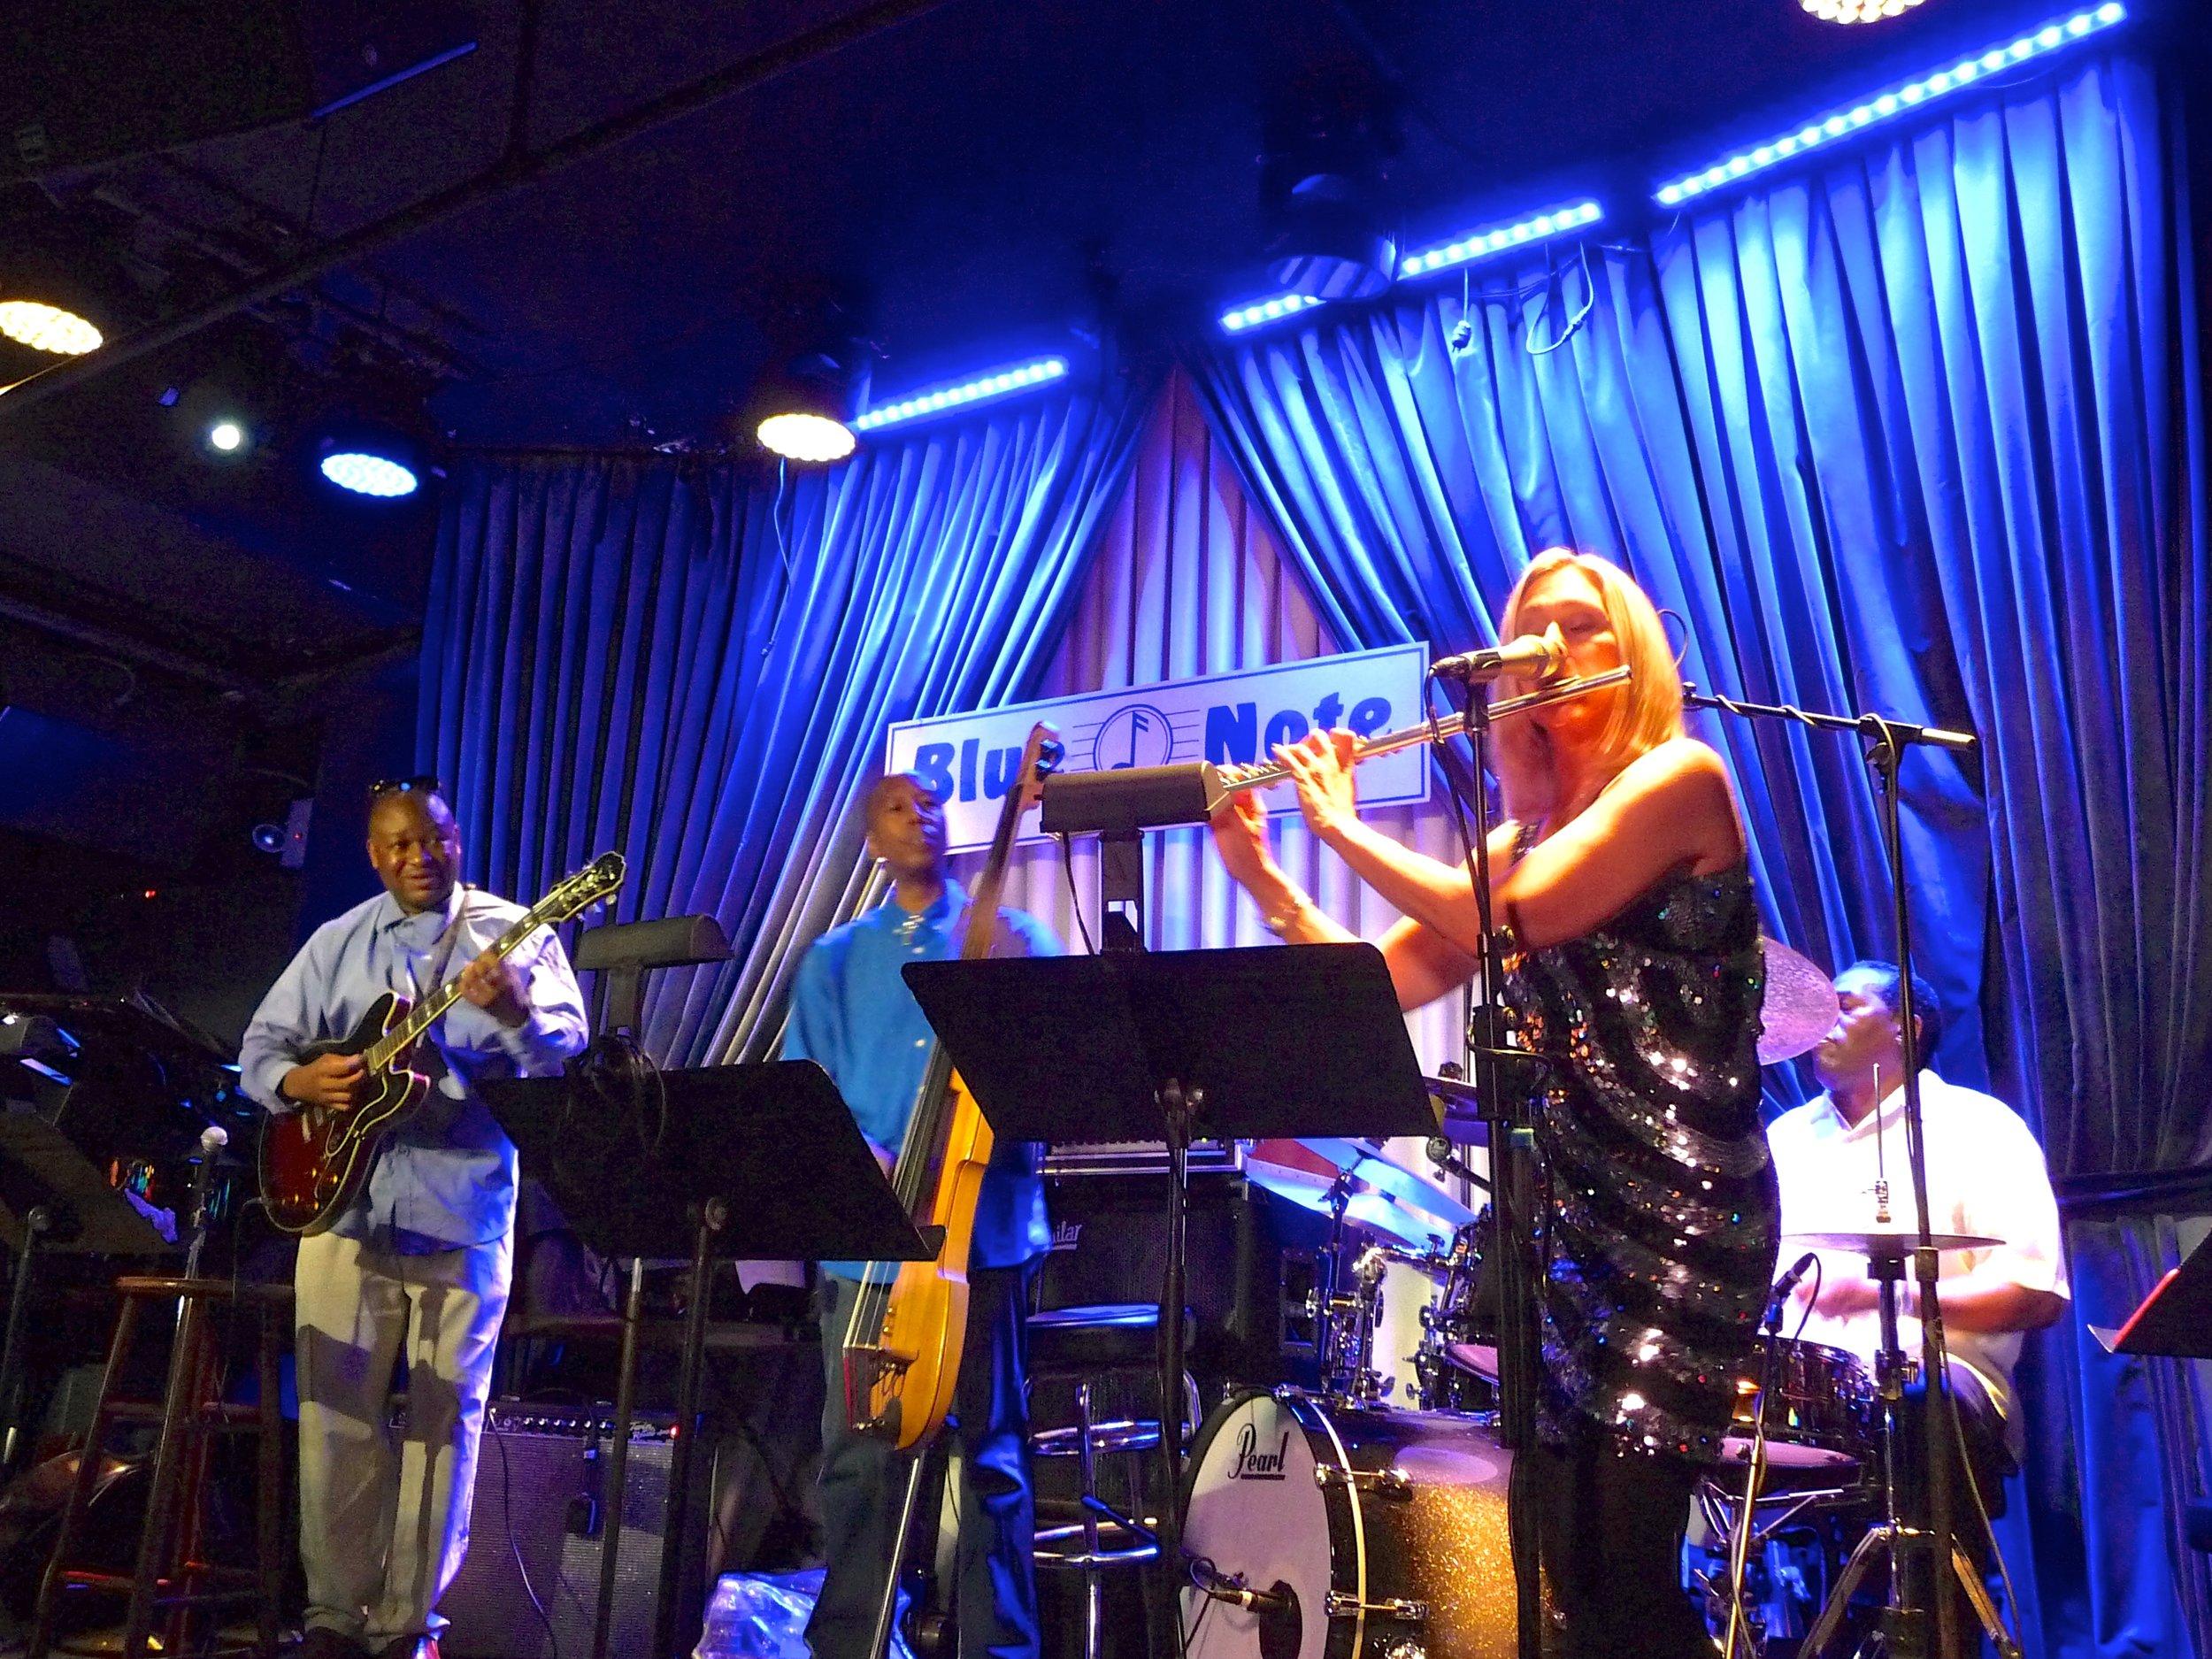 2-Blue Note with Robert Mwamba.JPG